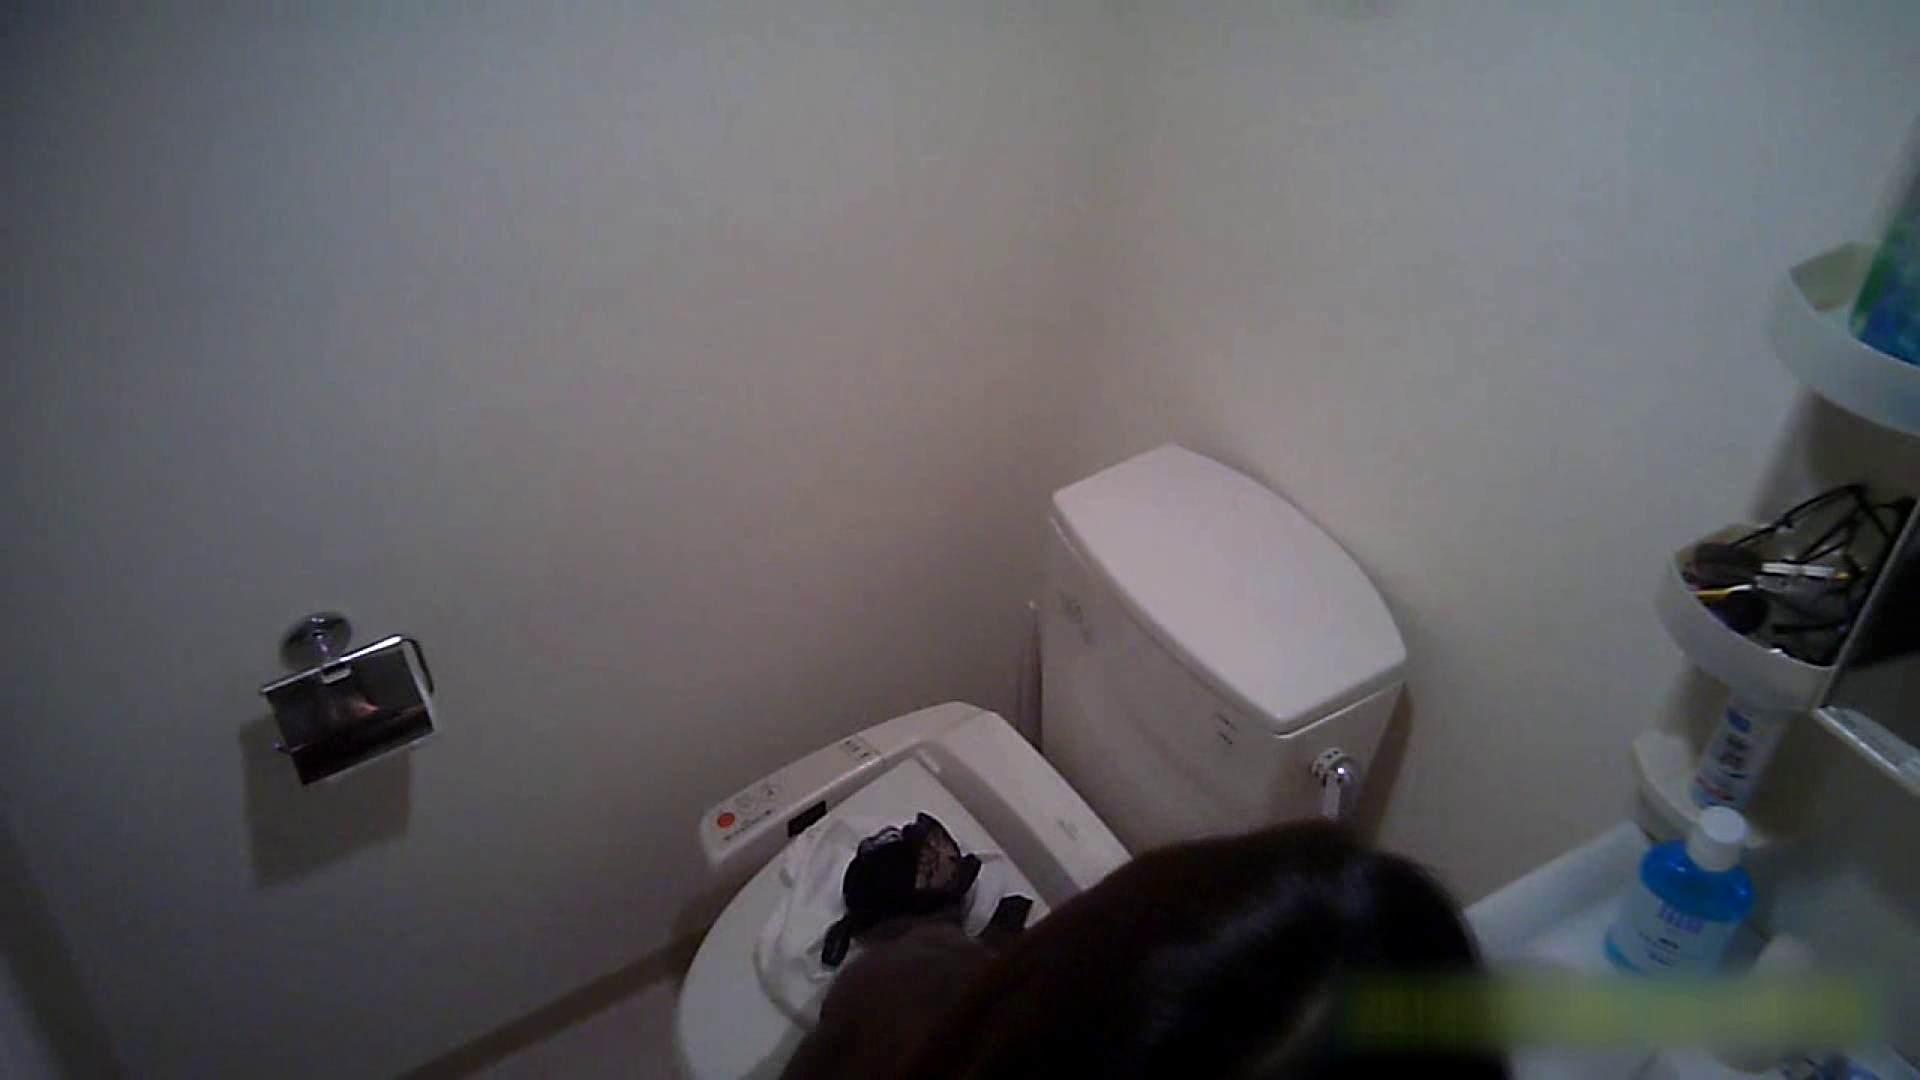 元気いっぱいノリノリ系なB子23歳(仮名)Vol.01 トイレ着替え編 トイレ | 着替えハメ撮り  73画像 54